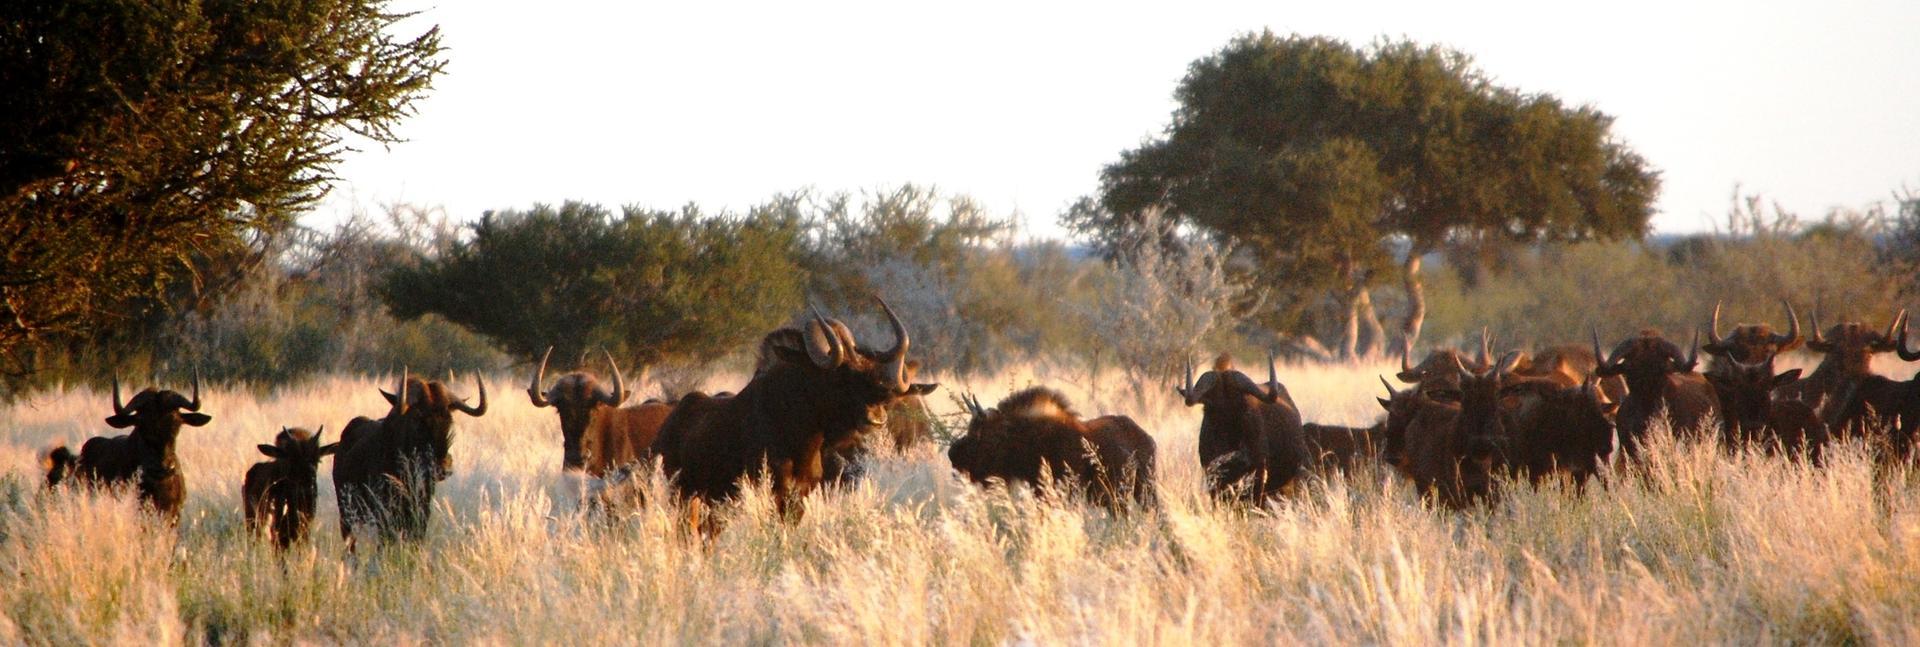 Wildebeest herd.jpg